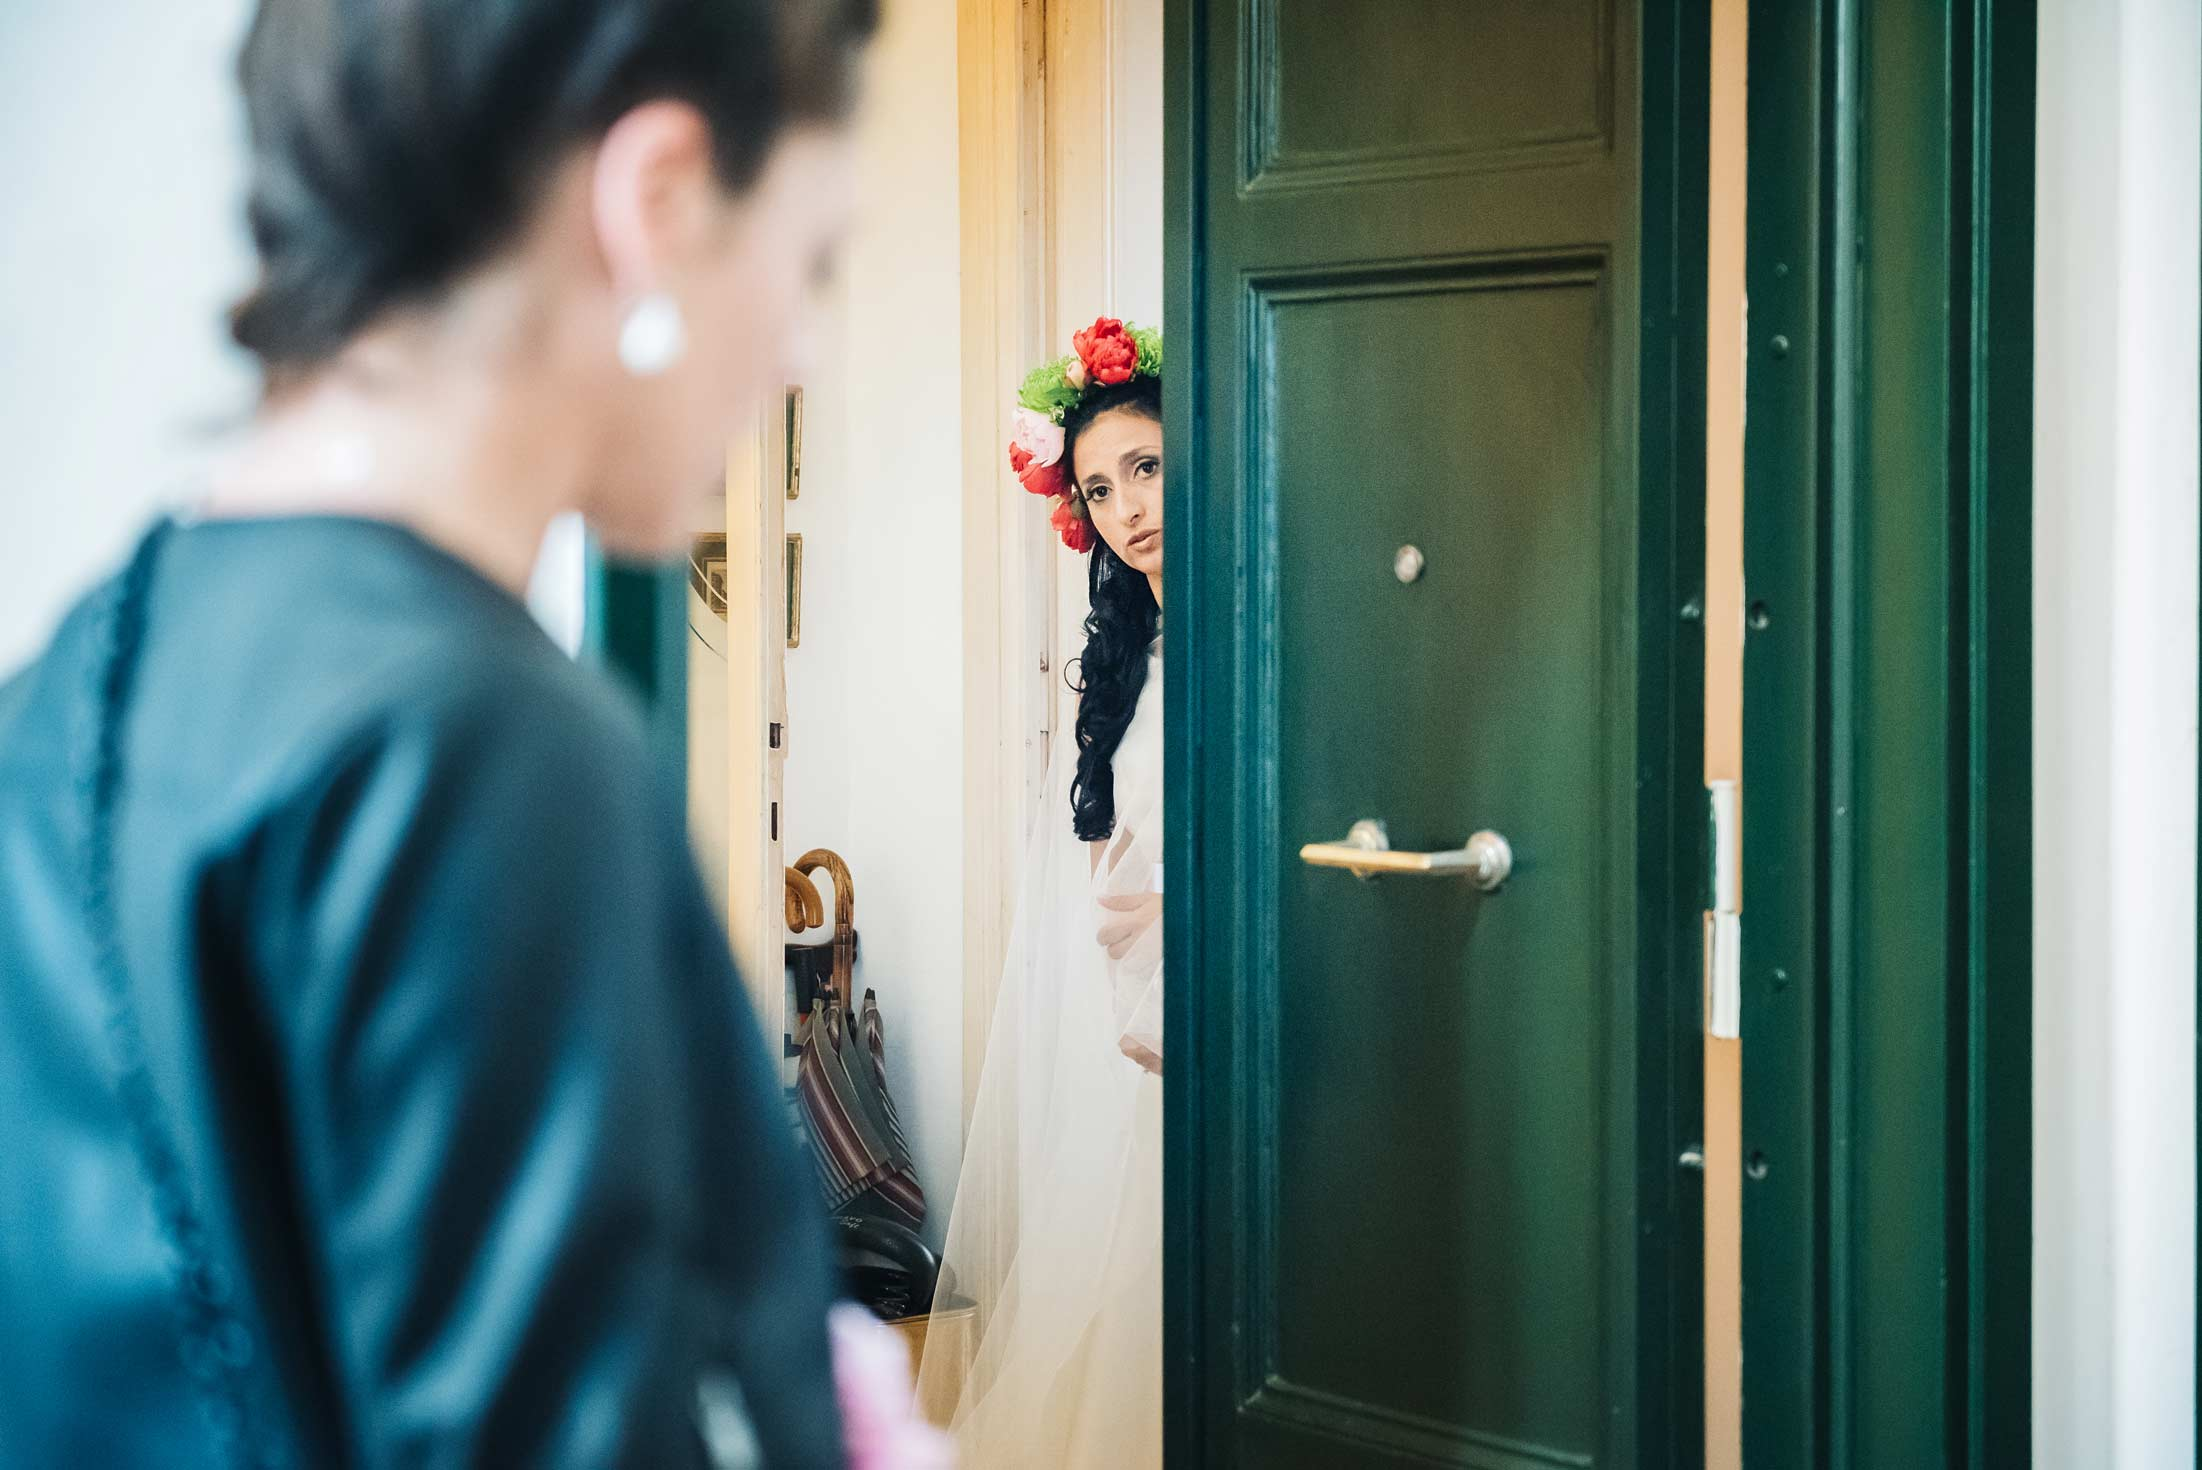 Fotografo-Di-Matrimonio-Roma-Stile-Reportage-Preparativi-Sposa